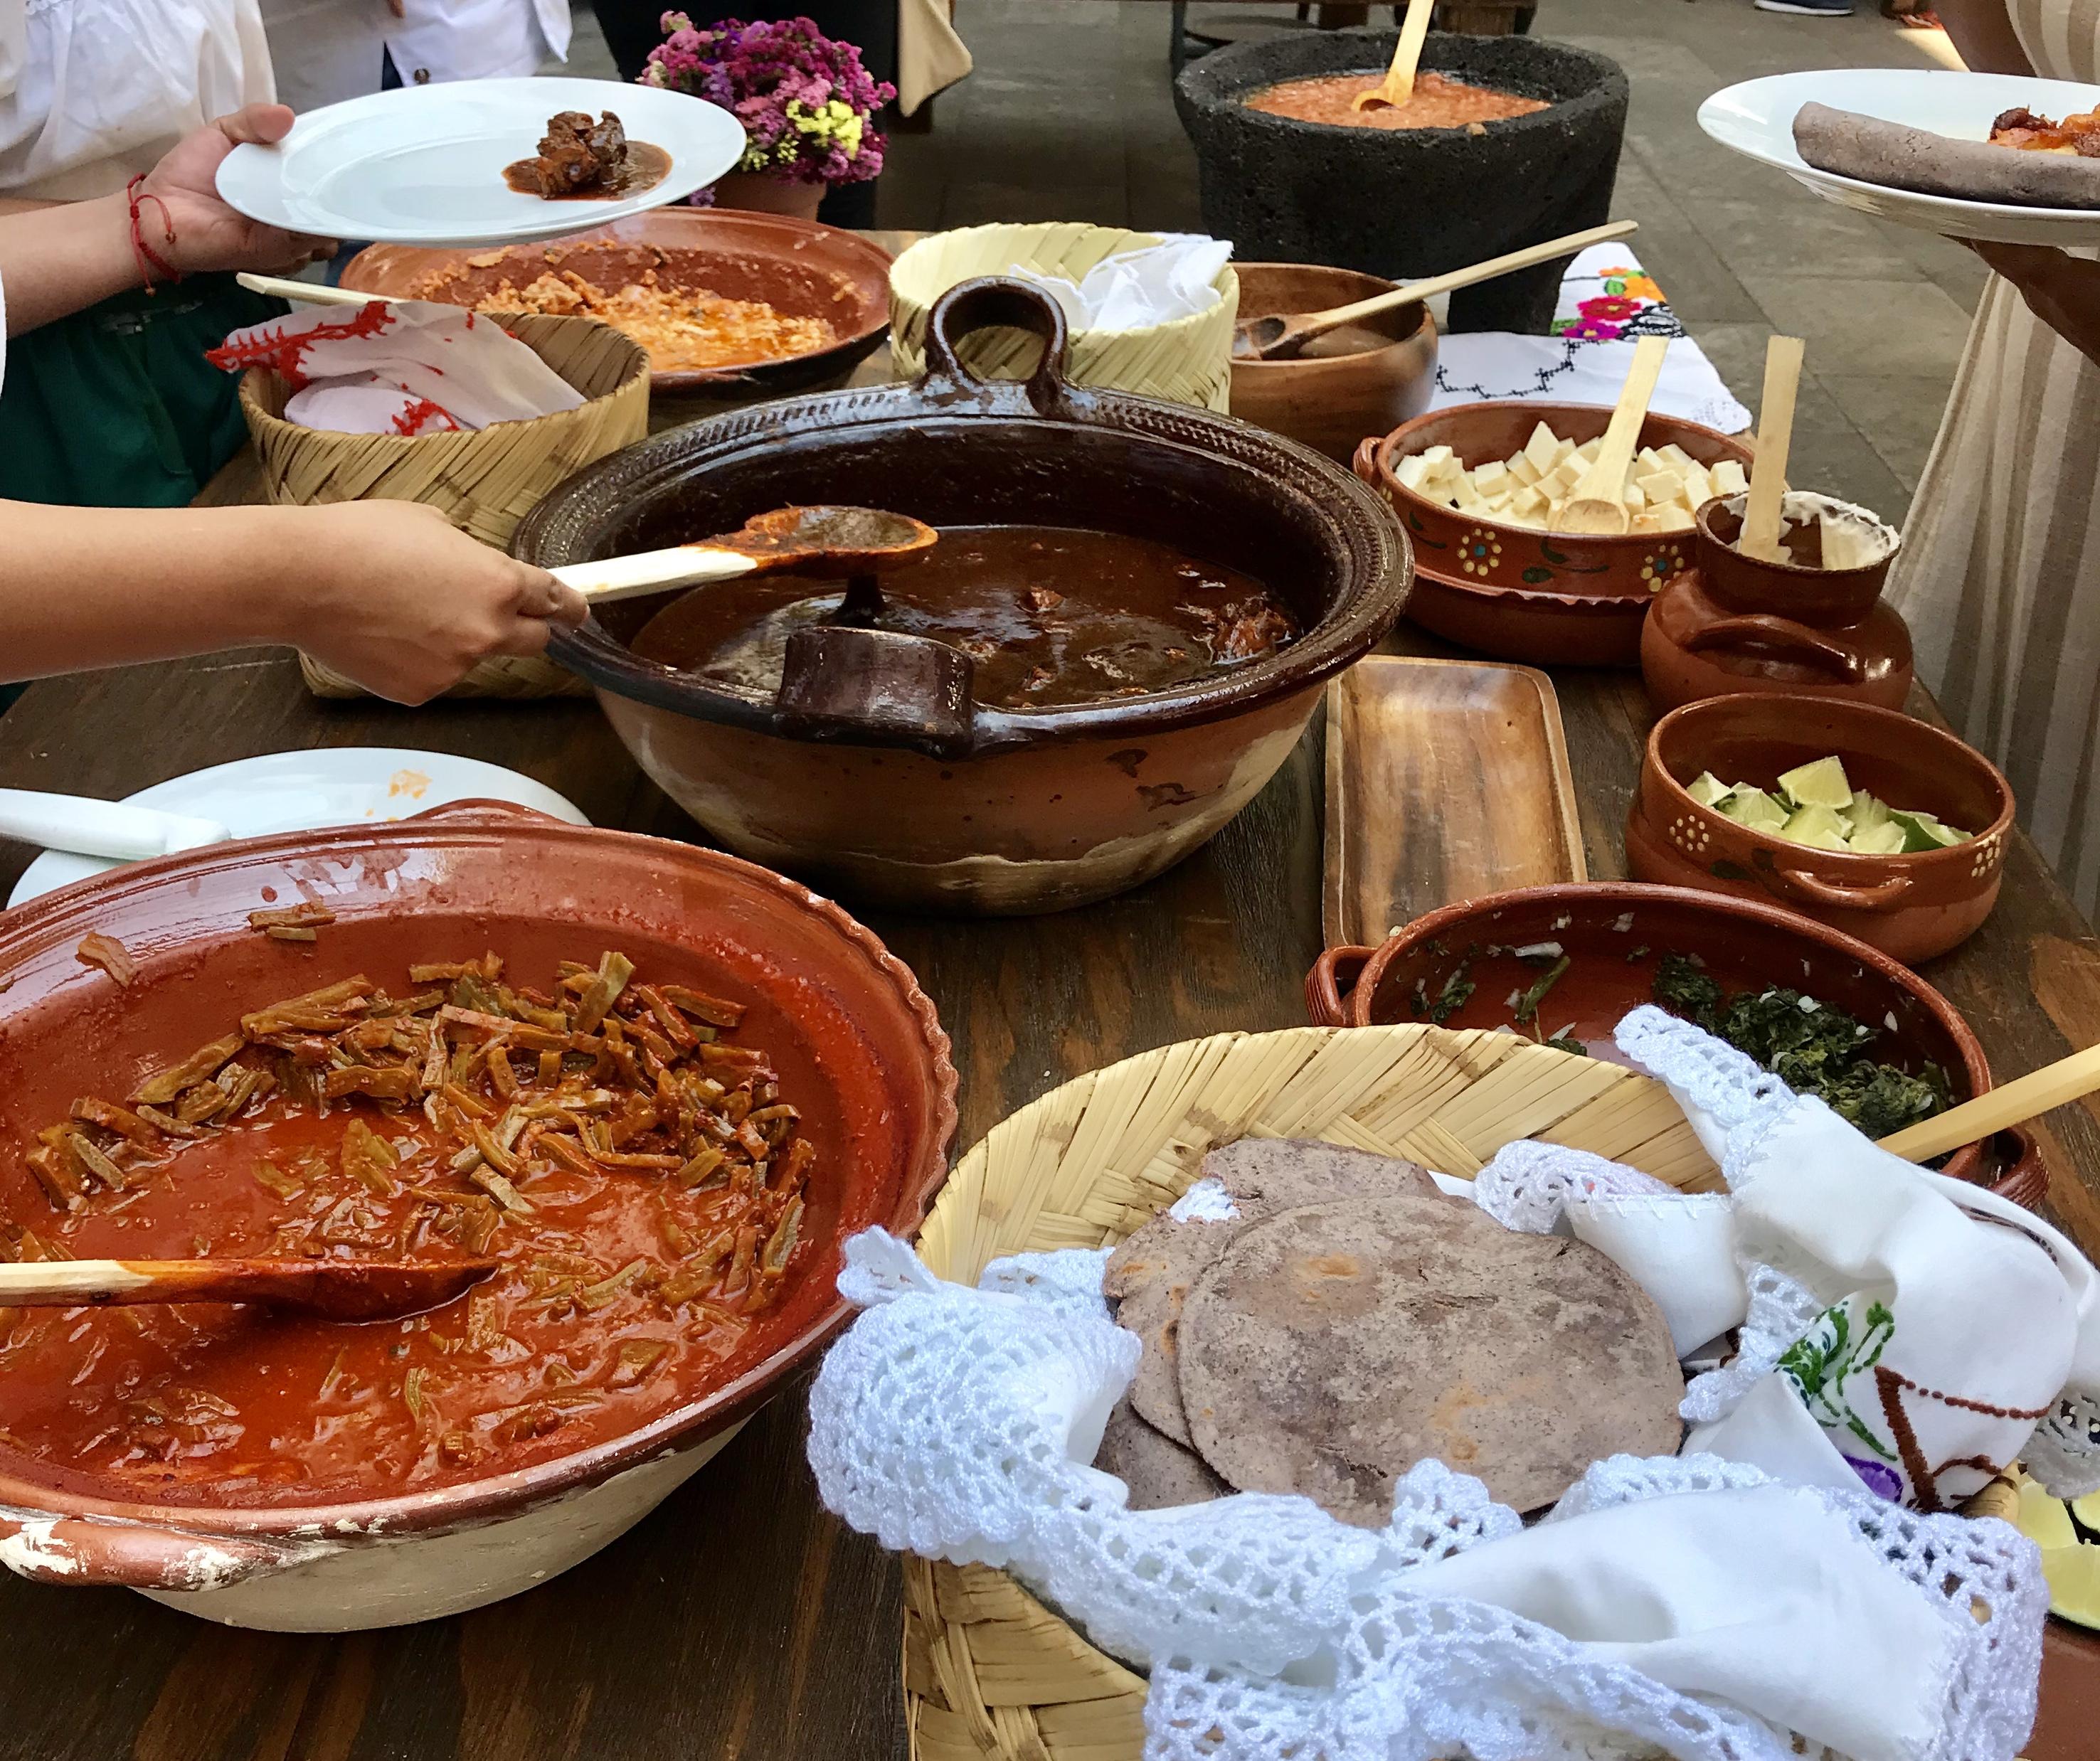 Mesa de gastronomía mexicana, cocina michoacana.